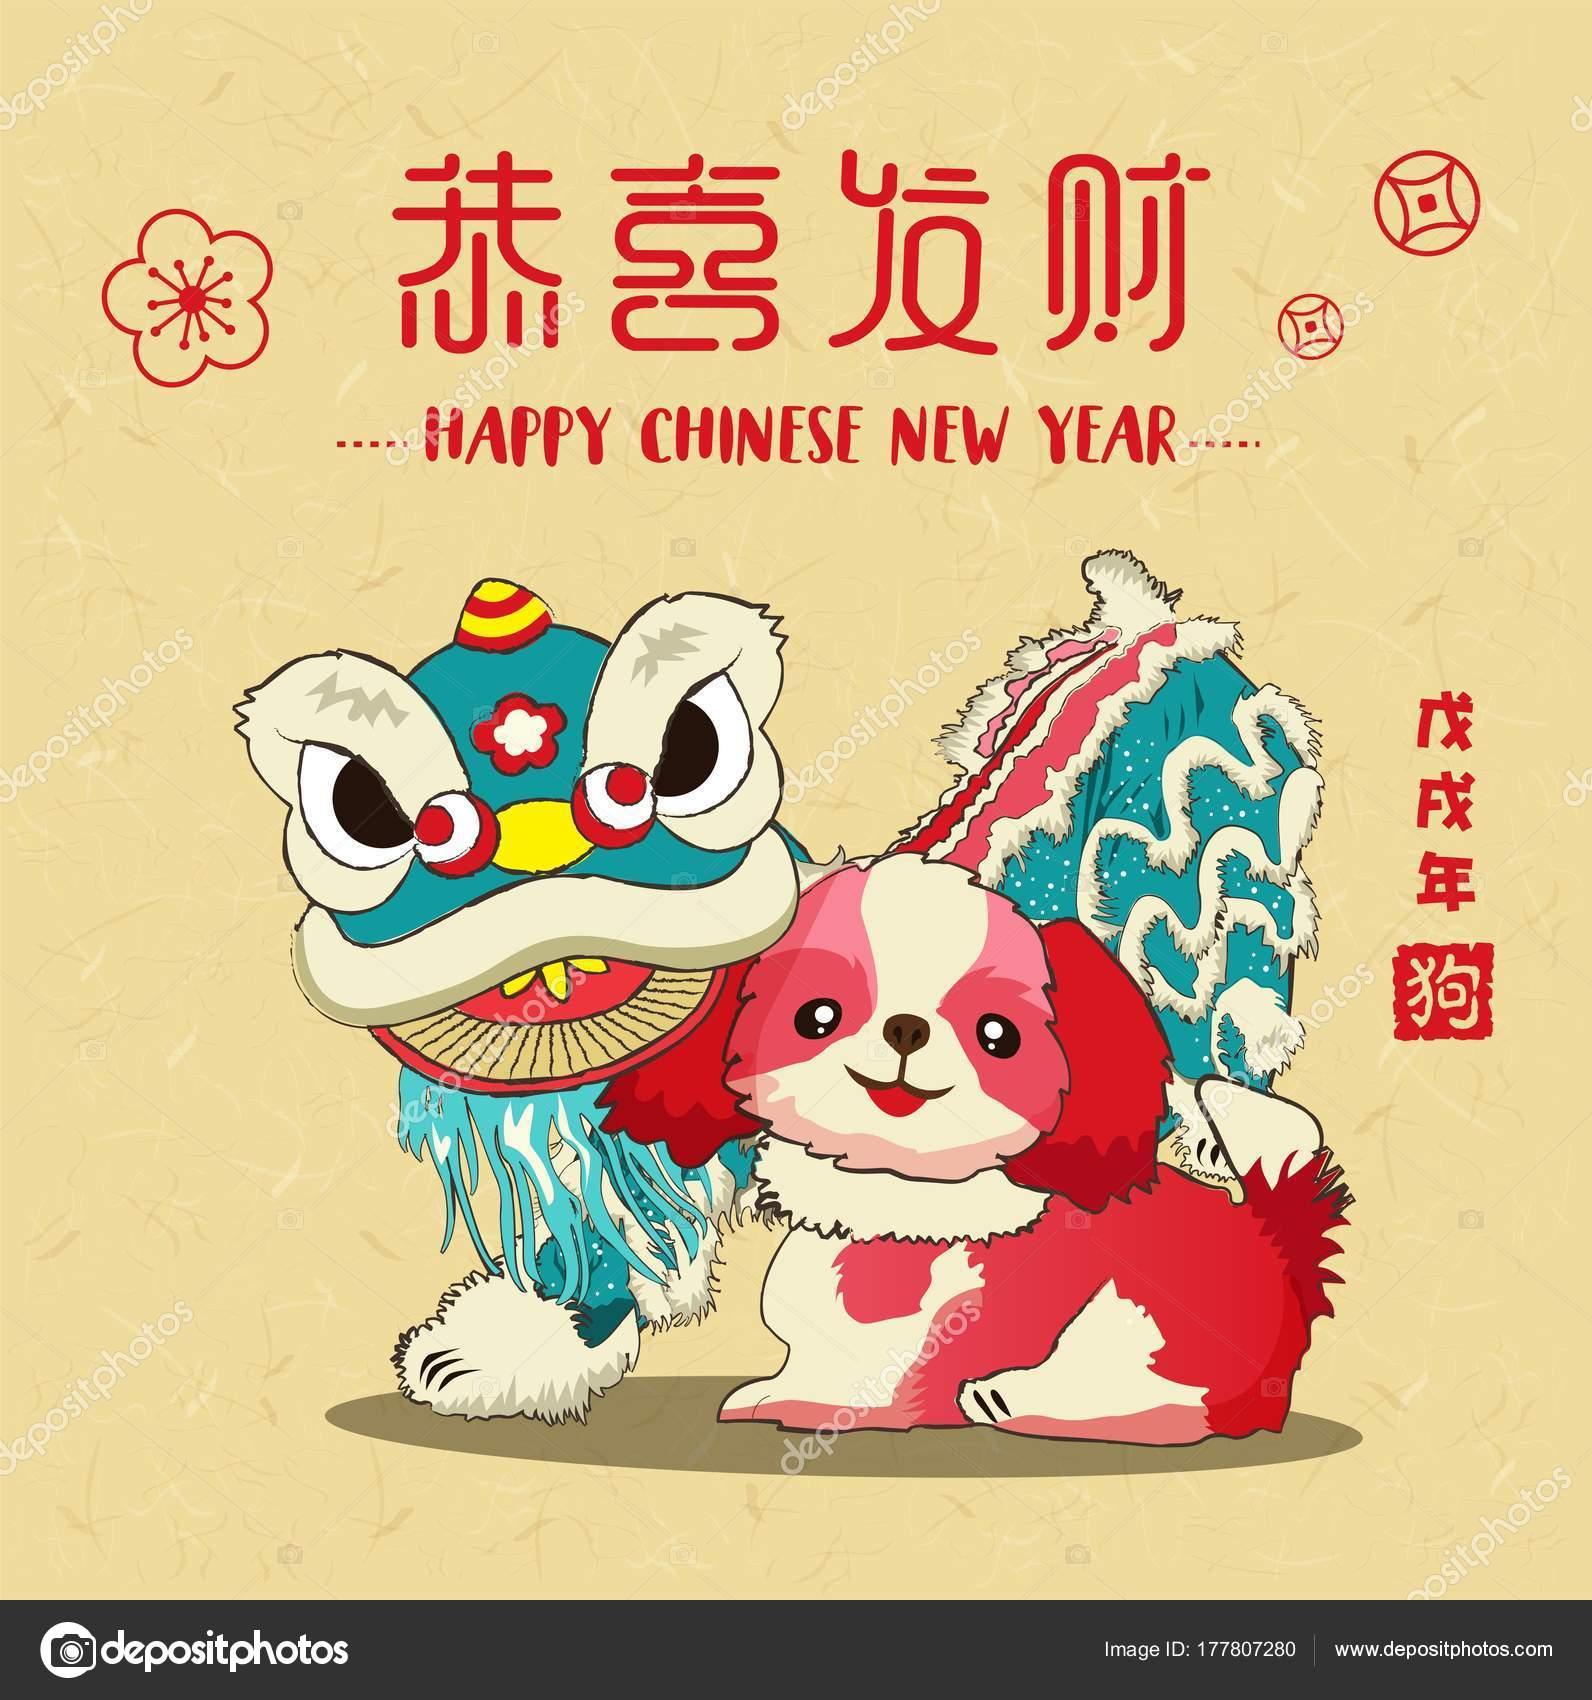 Chinese New Year 2018 Design Elemente Vektor Löwentanz Mit Hund ...